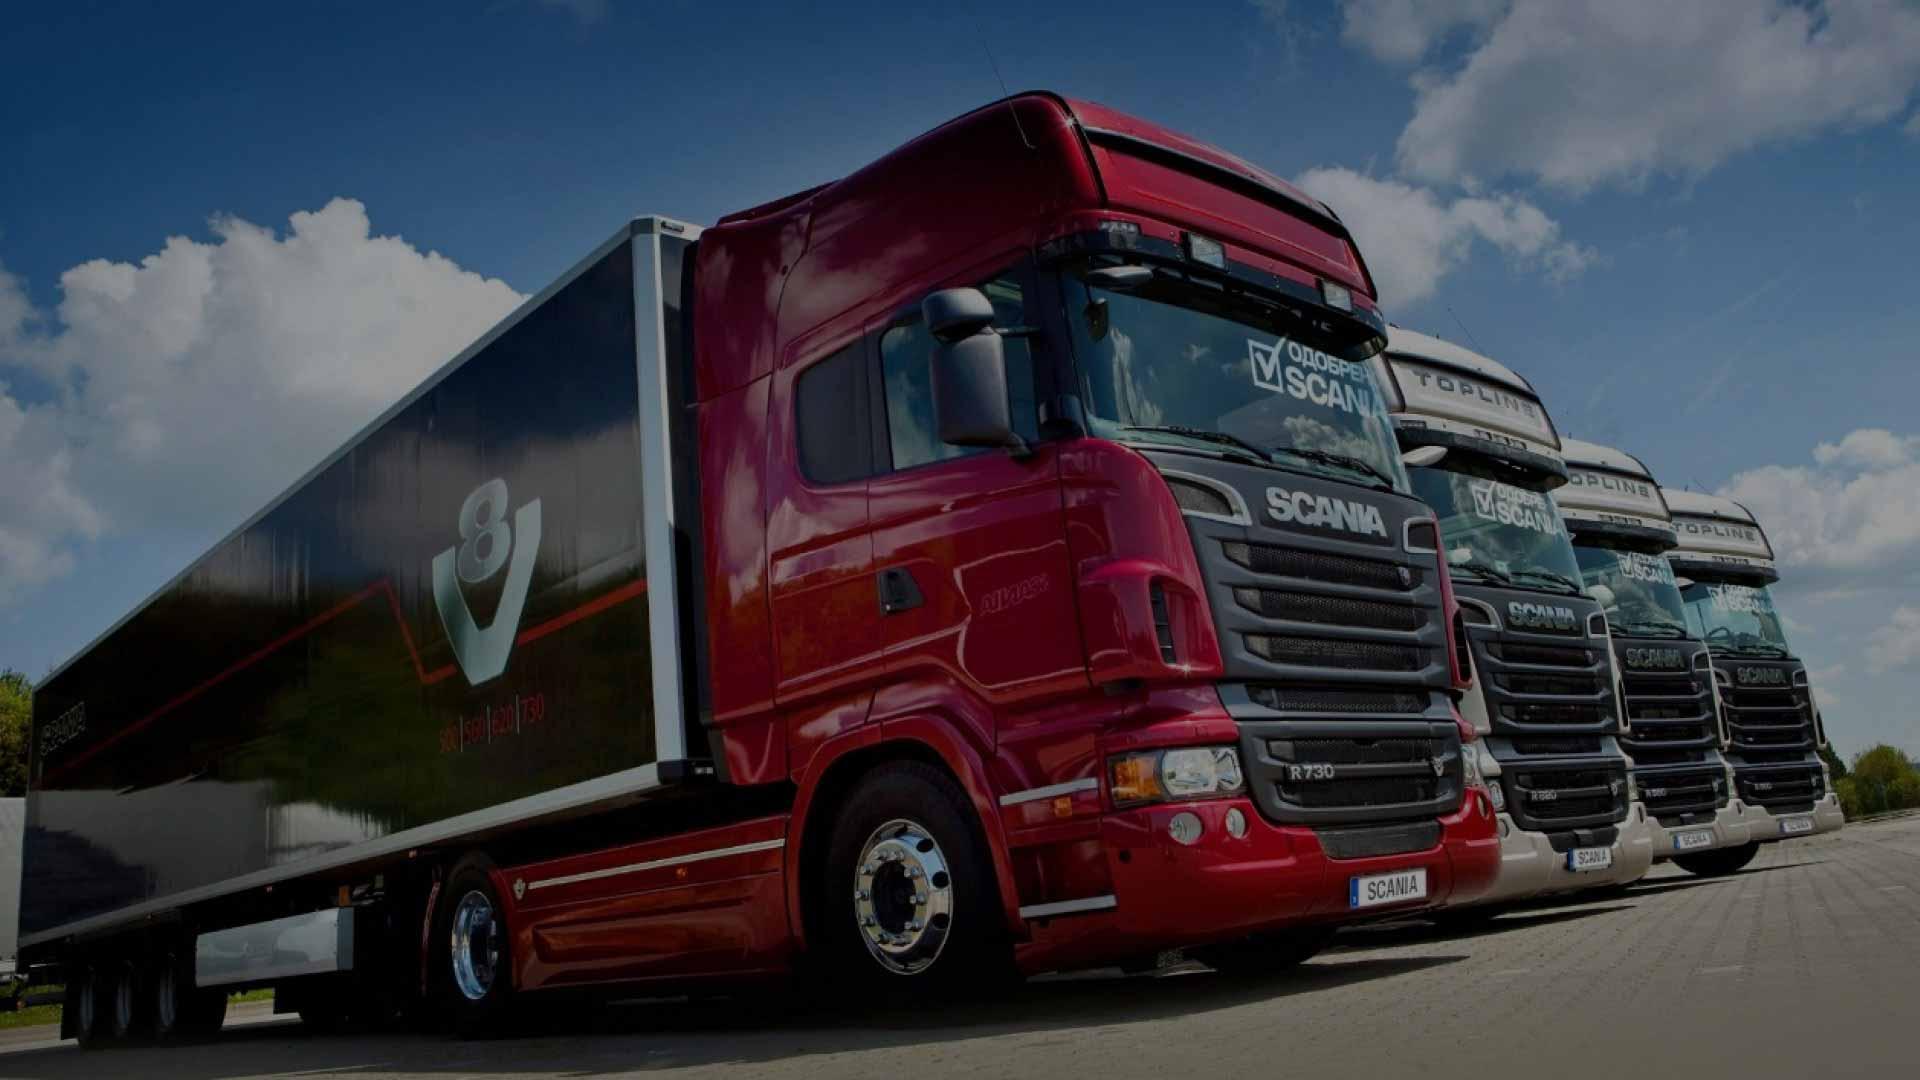 Скания Scania бу с пробегом - продажа подержанных грузовых автомобилей ed925adb83c